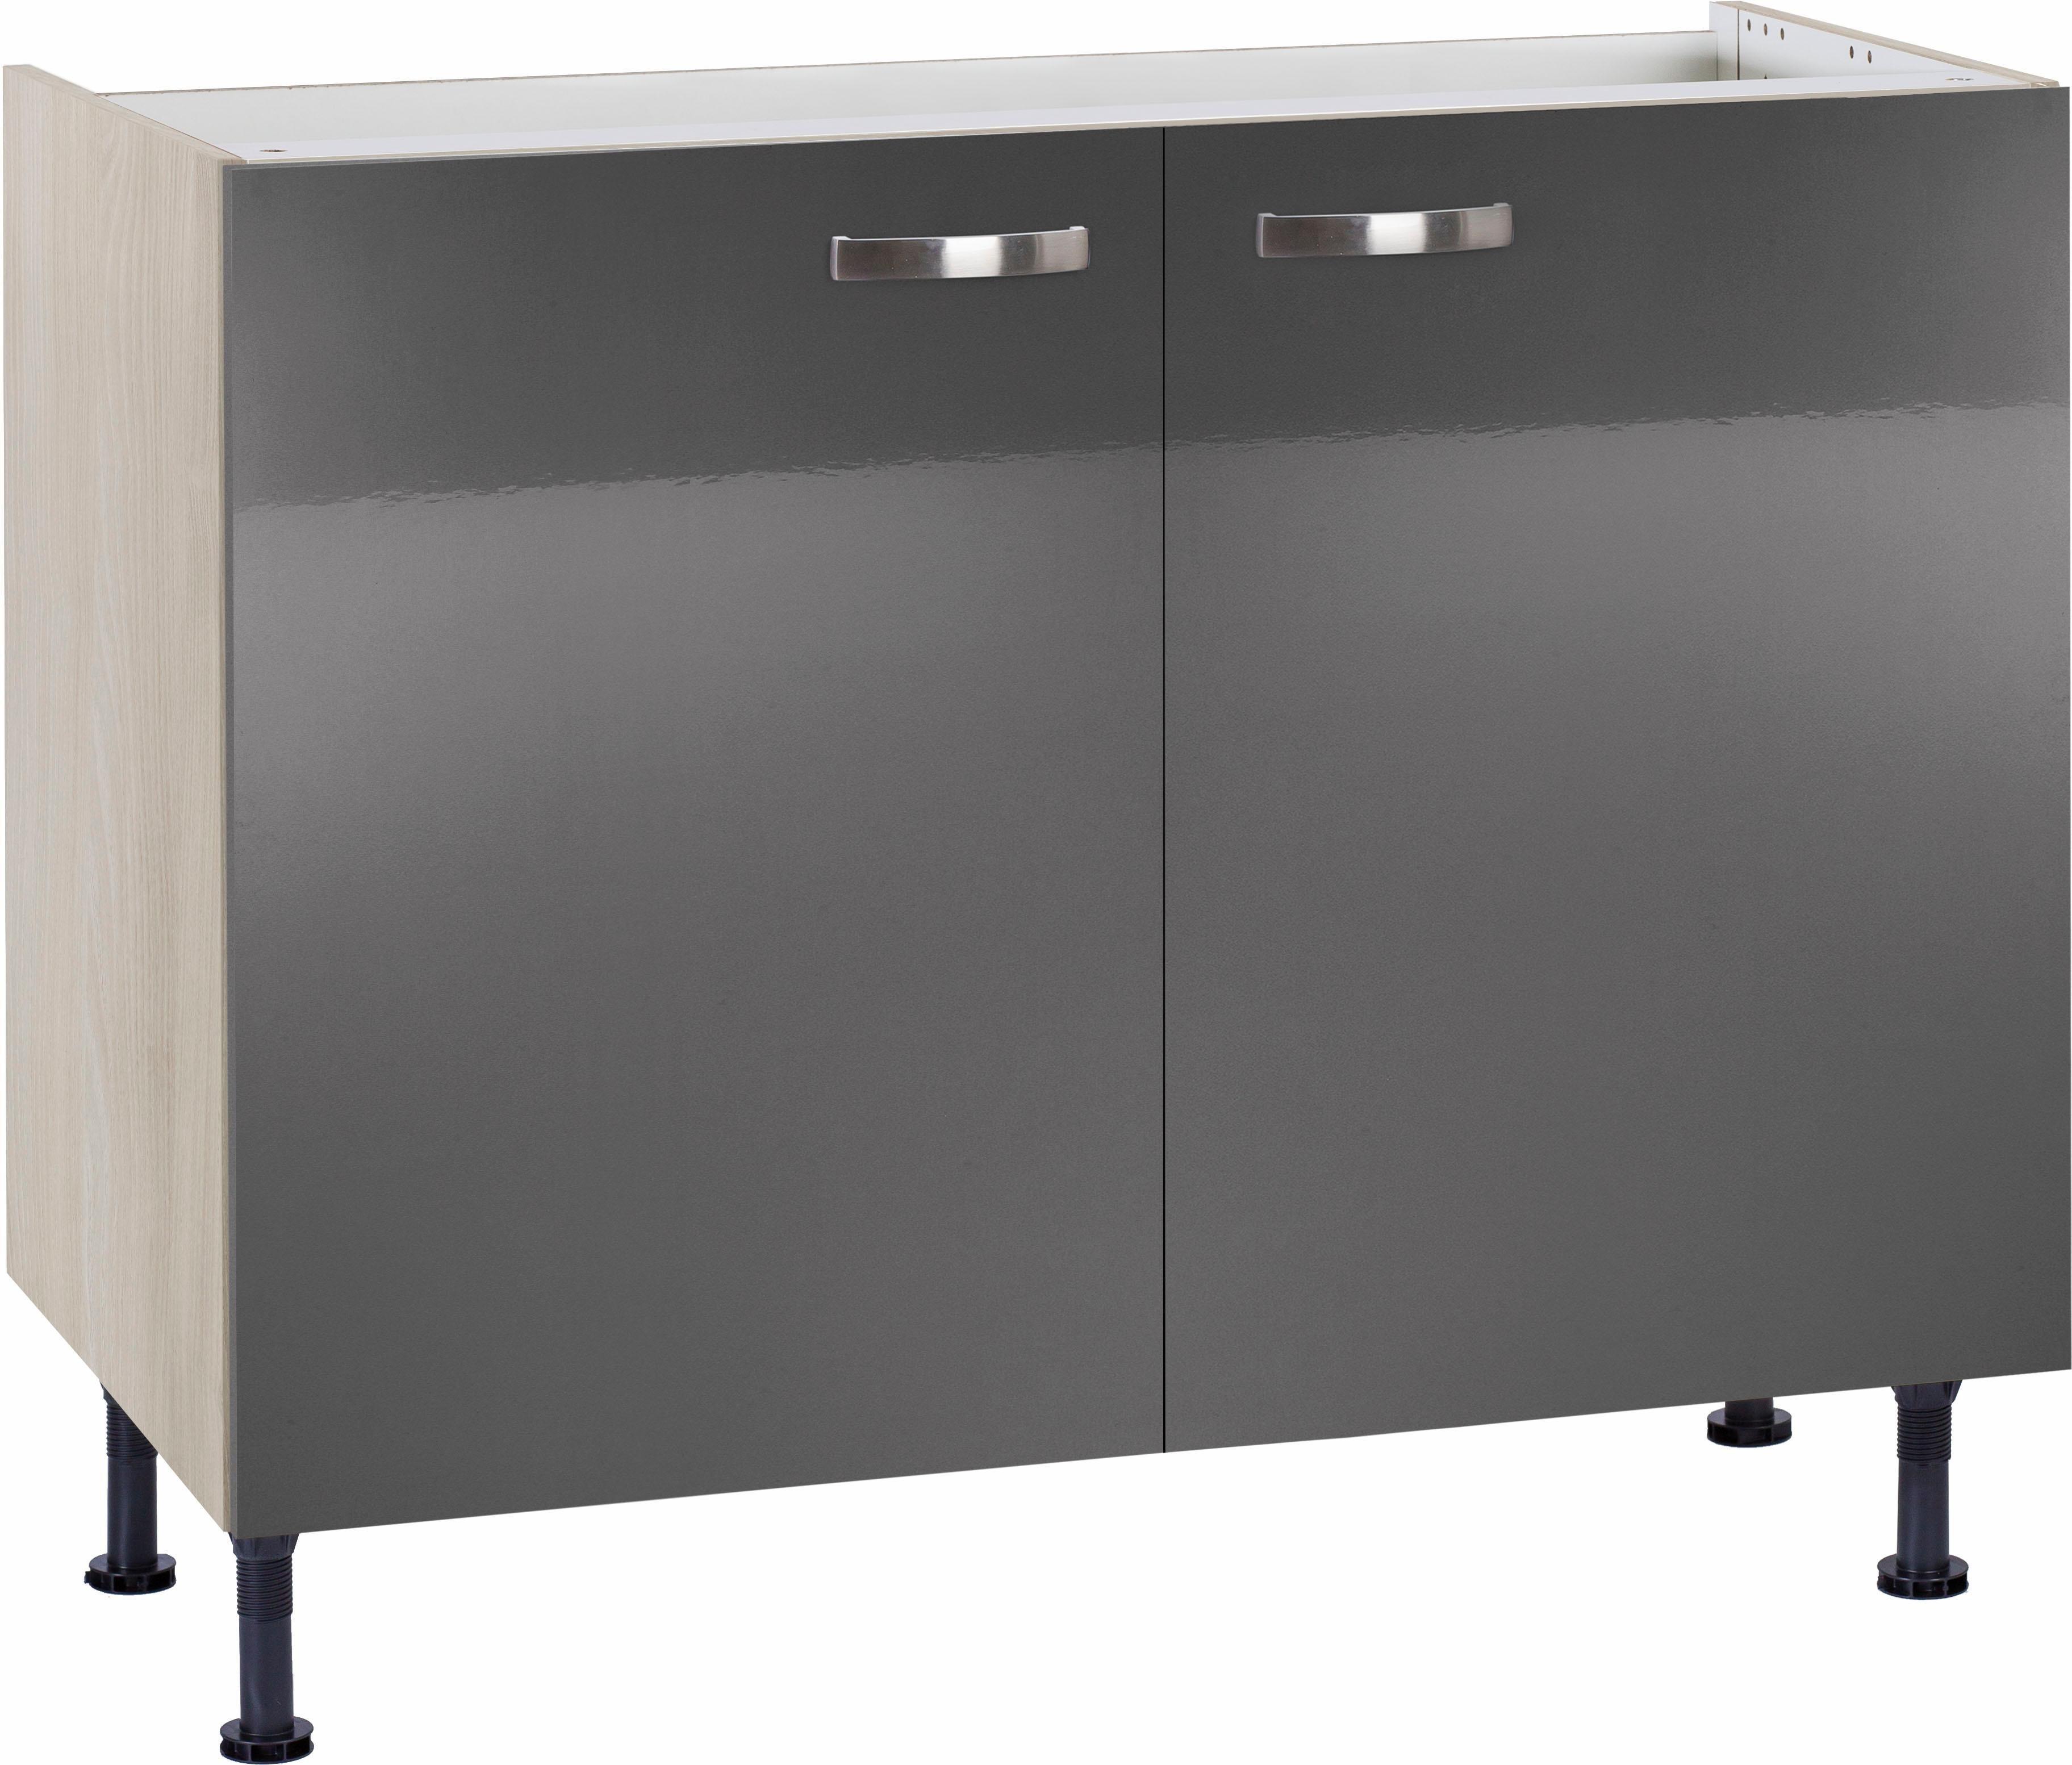 OPTIFIT »Cara« Spülenschrank, Breite 100 cm | Küche und Esszimmer > Küchenschränke > Spülenschränke | Anthrazit - Weiß - Glanz | Beton - Glänzend - Mdf - Melamin | OPTIFIT